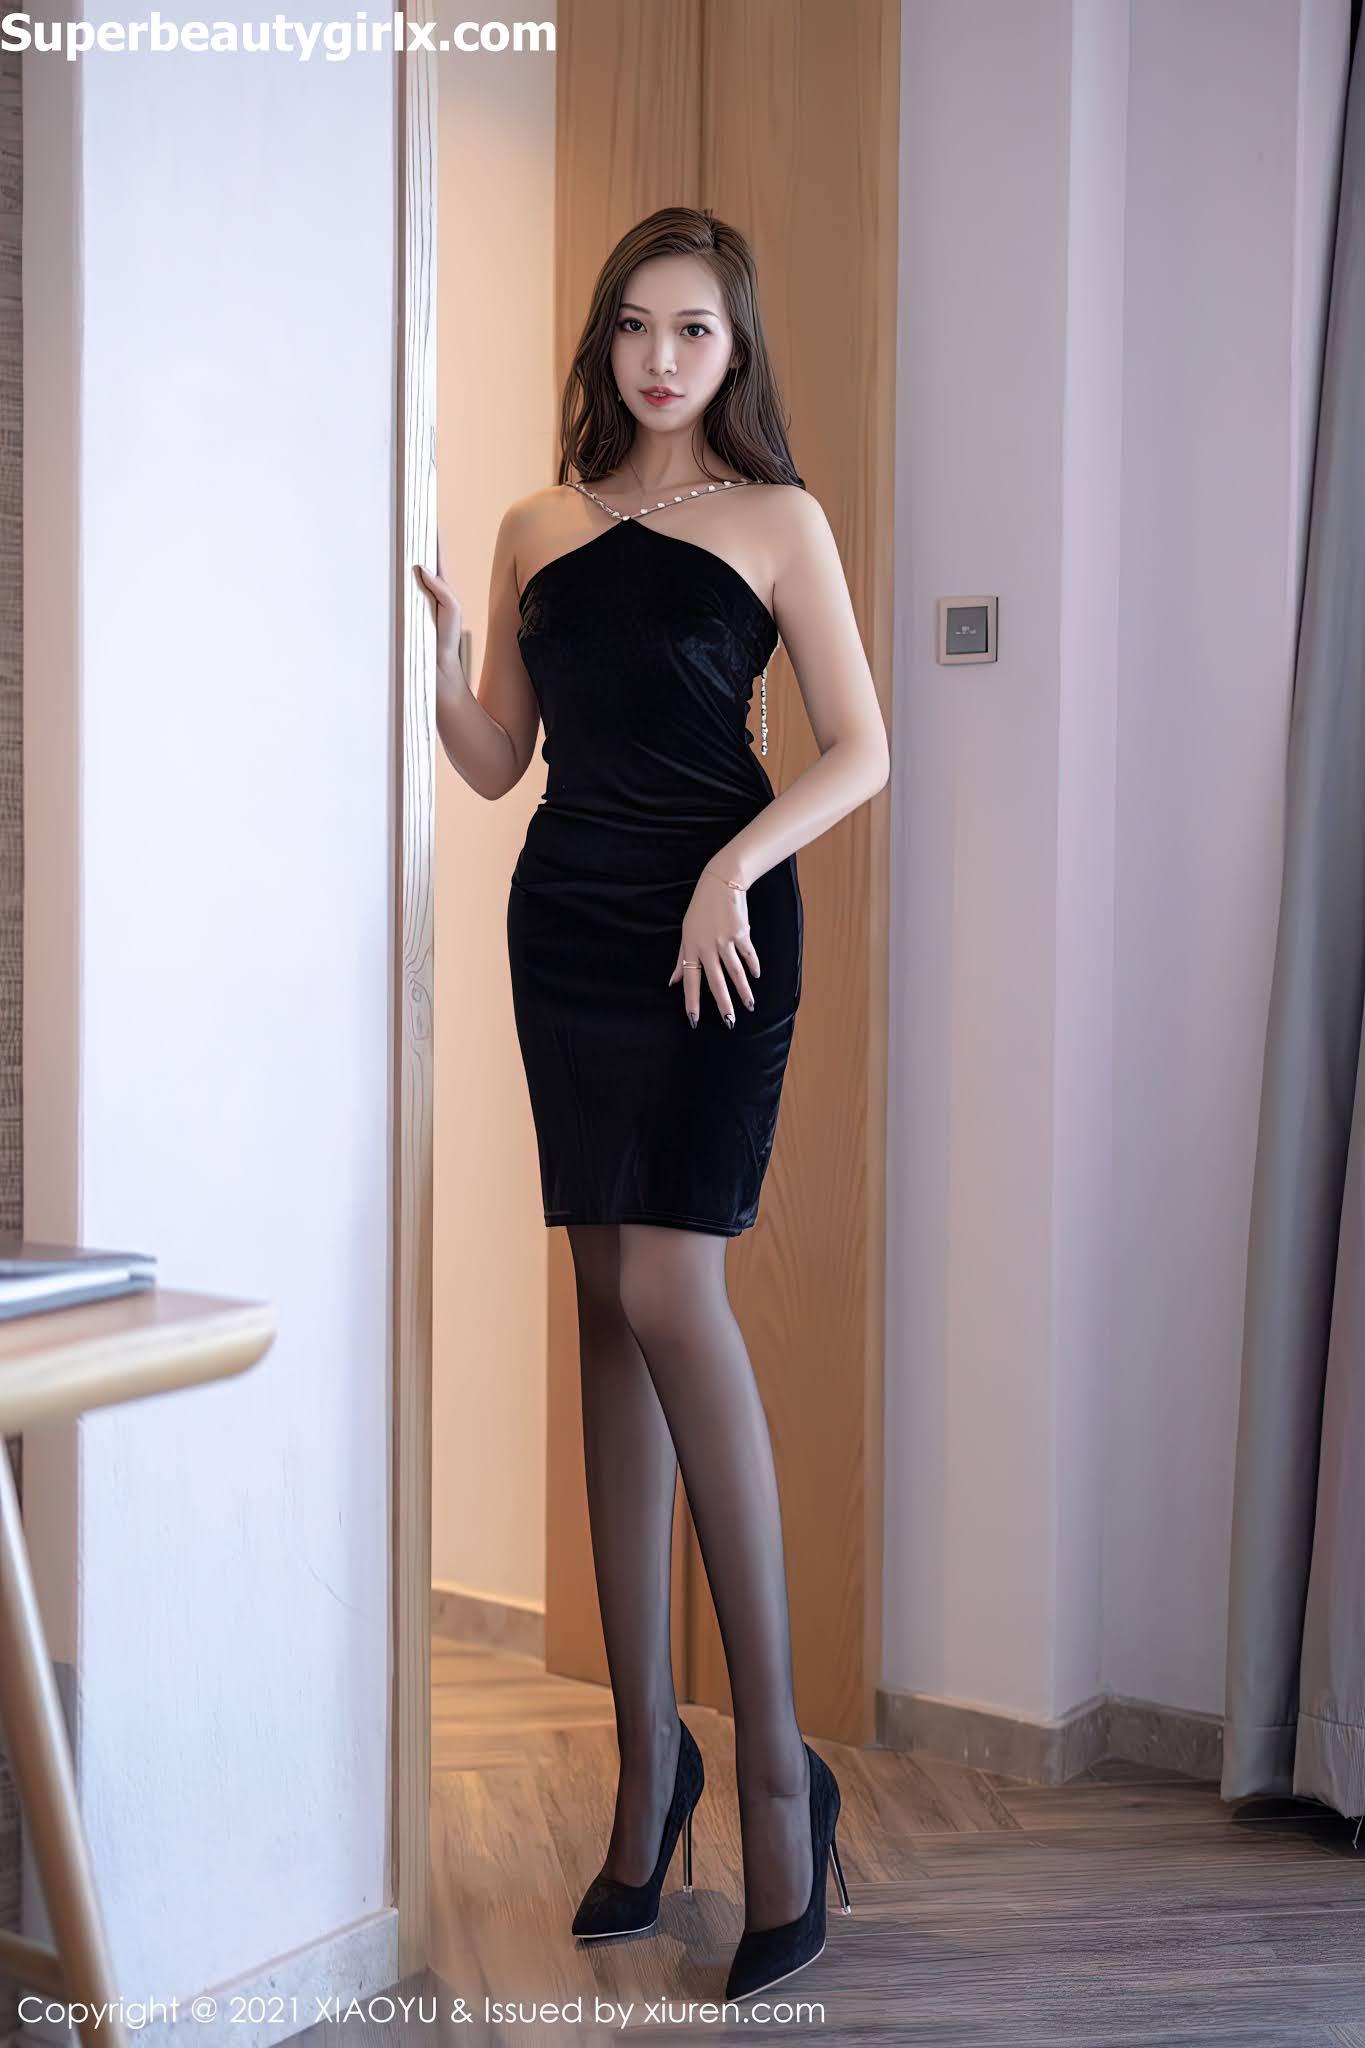 XiaoYu-Vol.522-Zheng-Ying-Shan-Bev-Superbeautygirlx.com